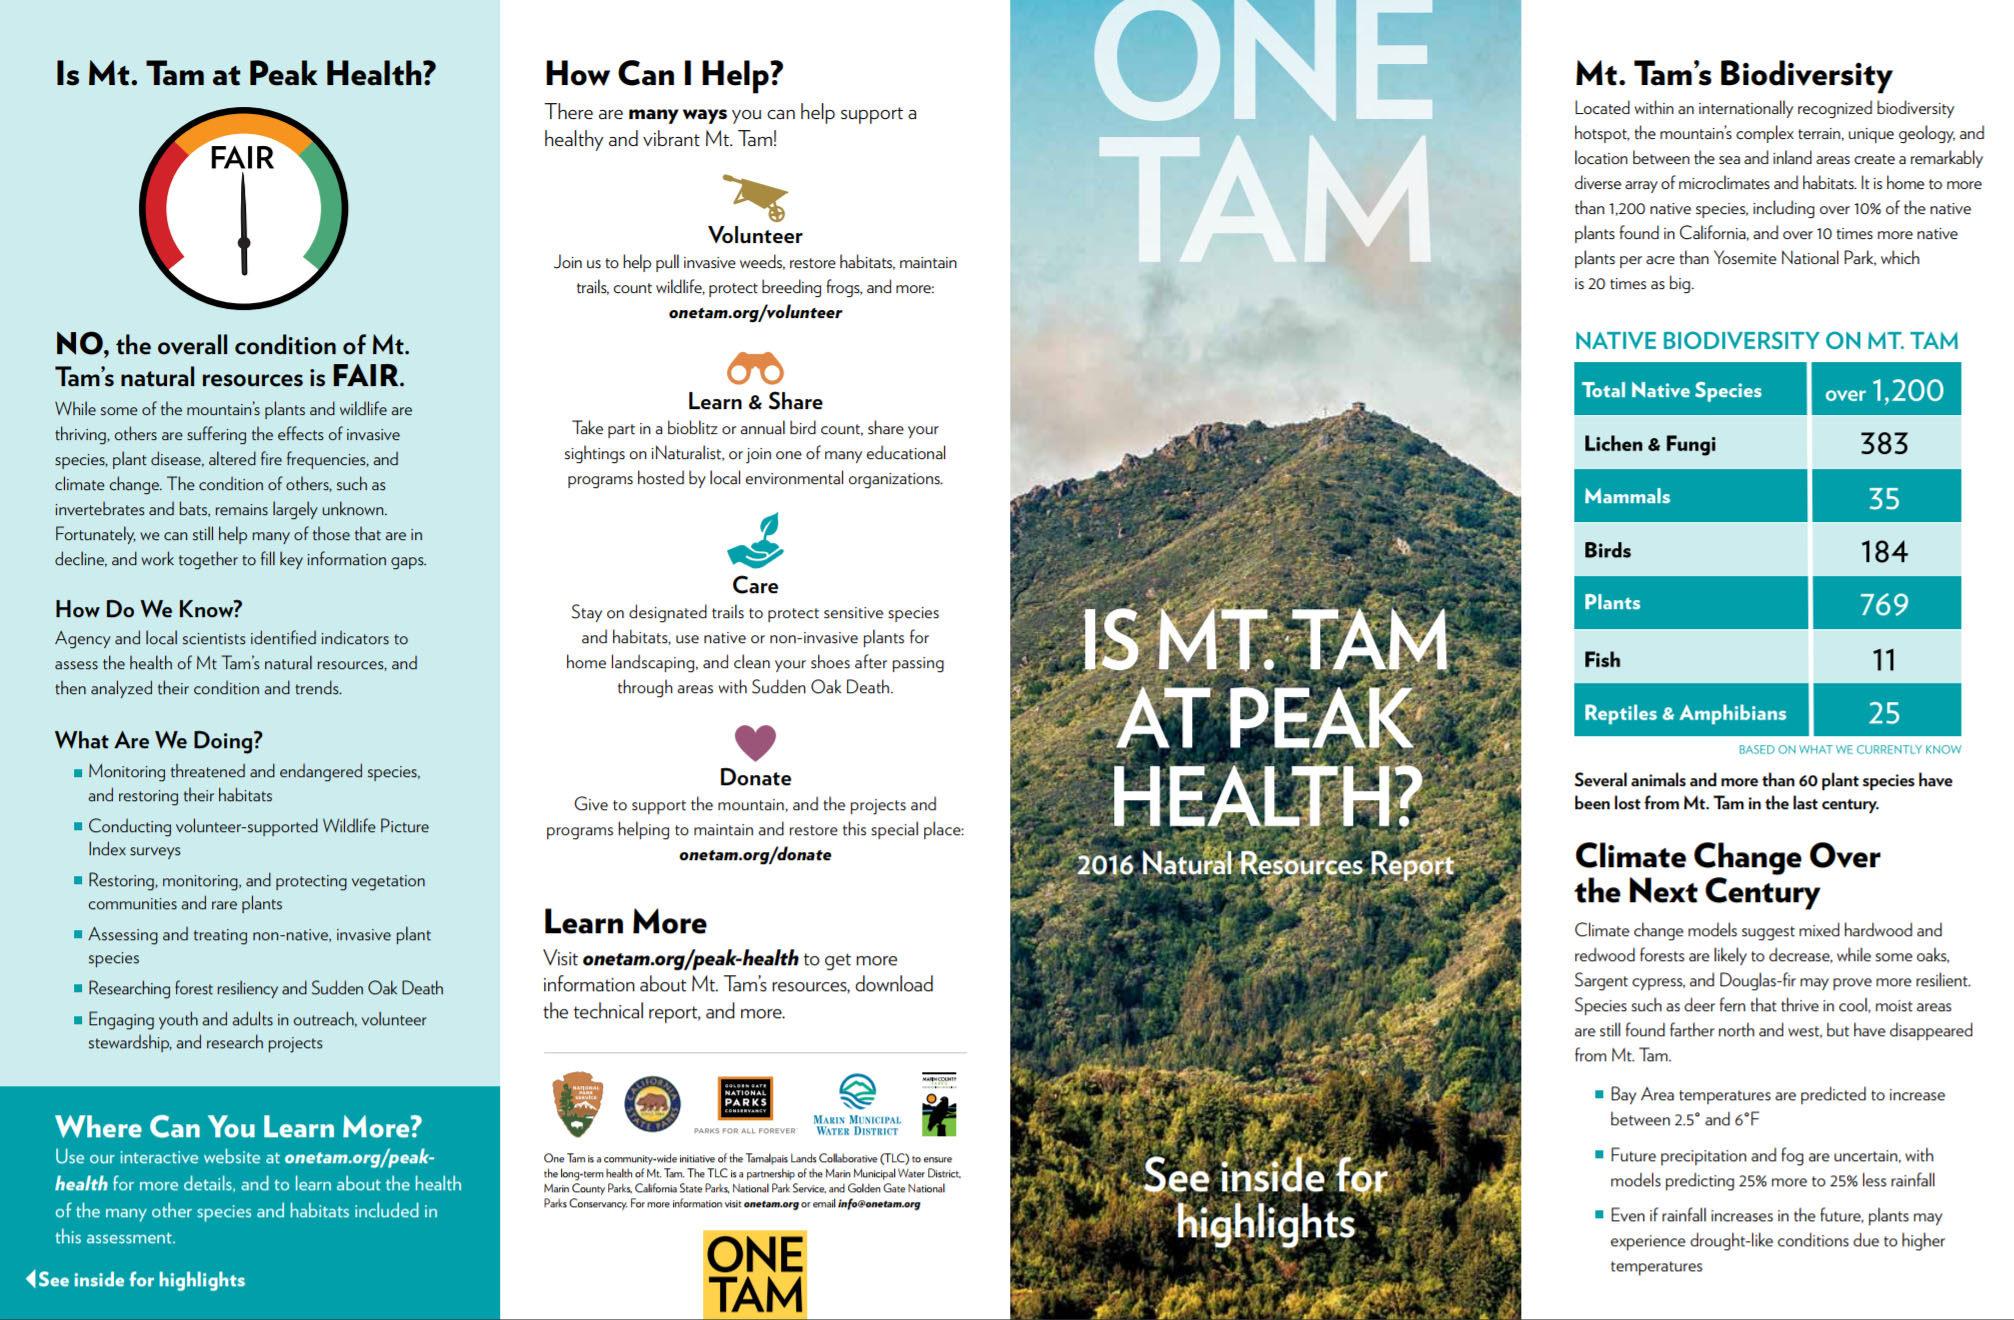 'Is Mt. Tam at Peak Health' brochure screenshot